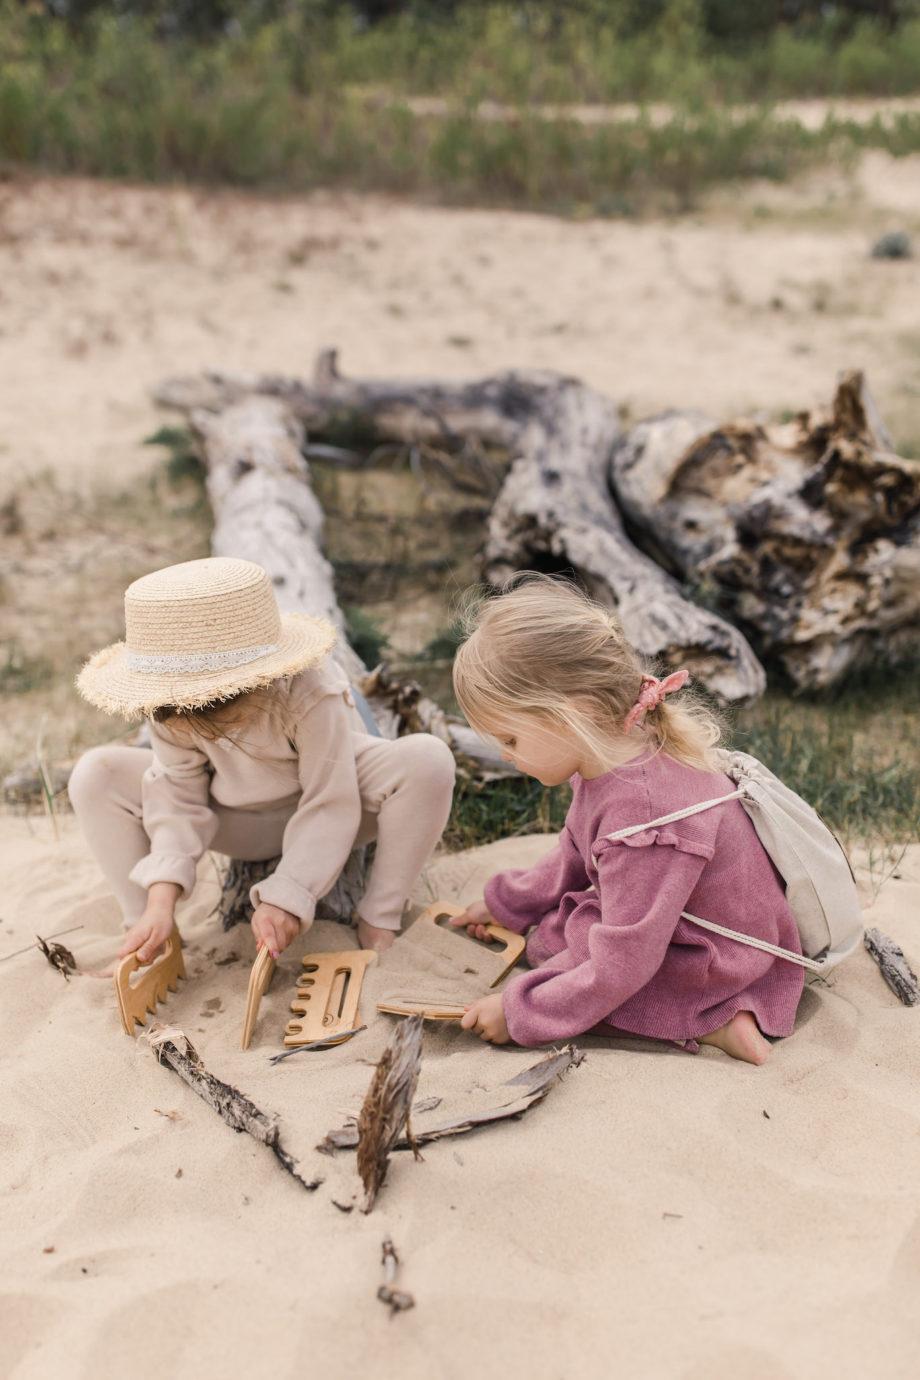 polskie drewniane zabawki na plażę, zabawki plażowe dla dziecka